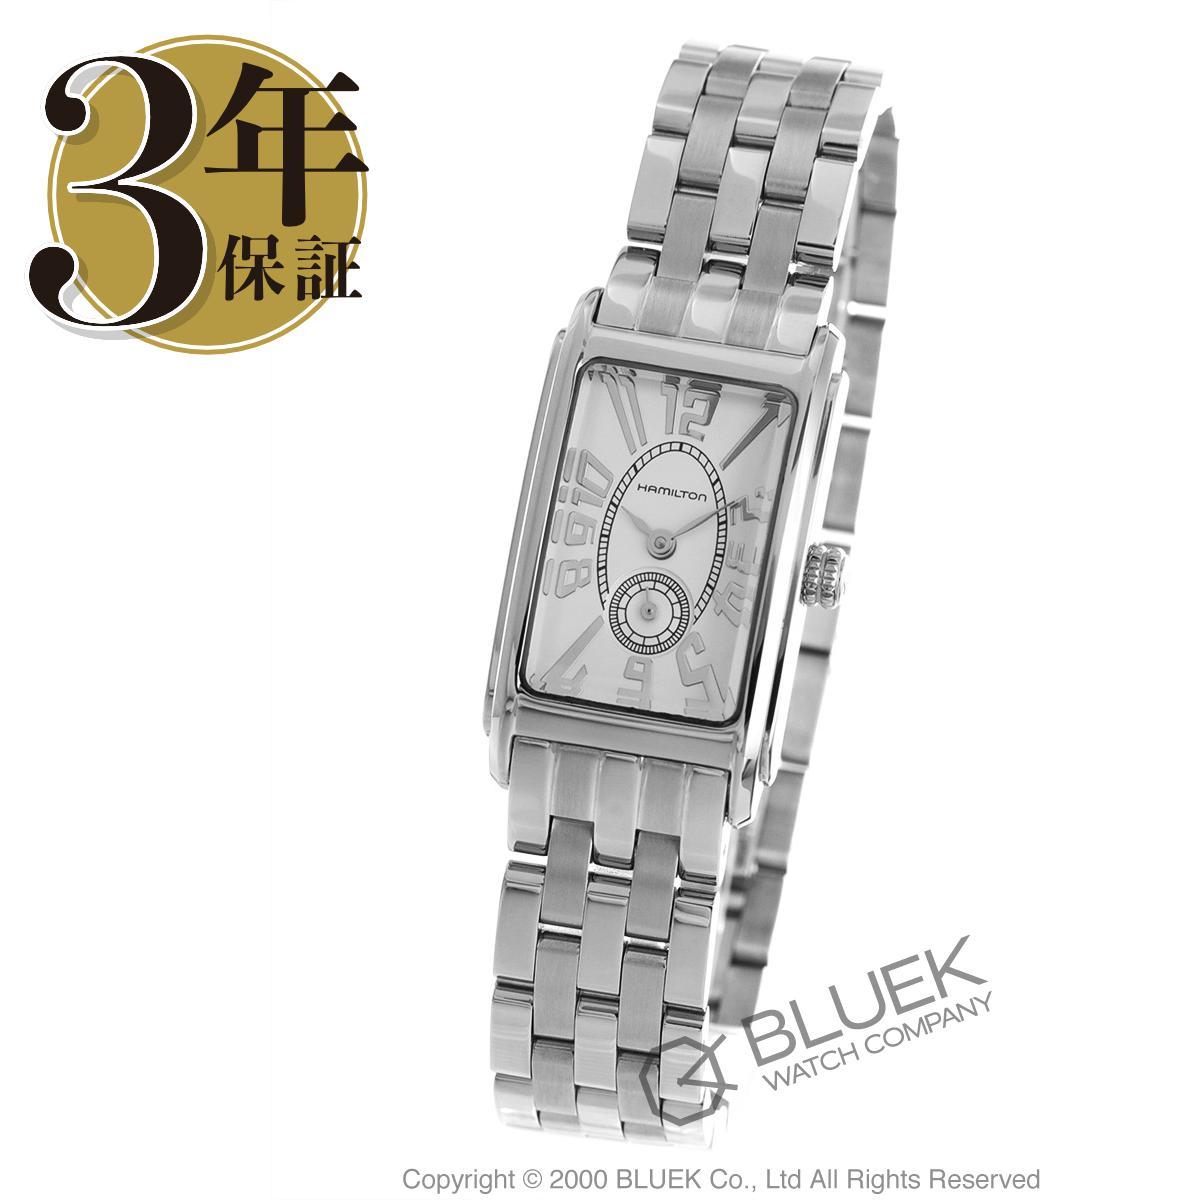 ハミルトン アードモア 限定モデル 腕時計 レディース HAMILTON H11211053_8